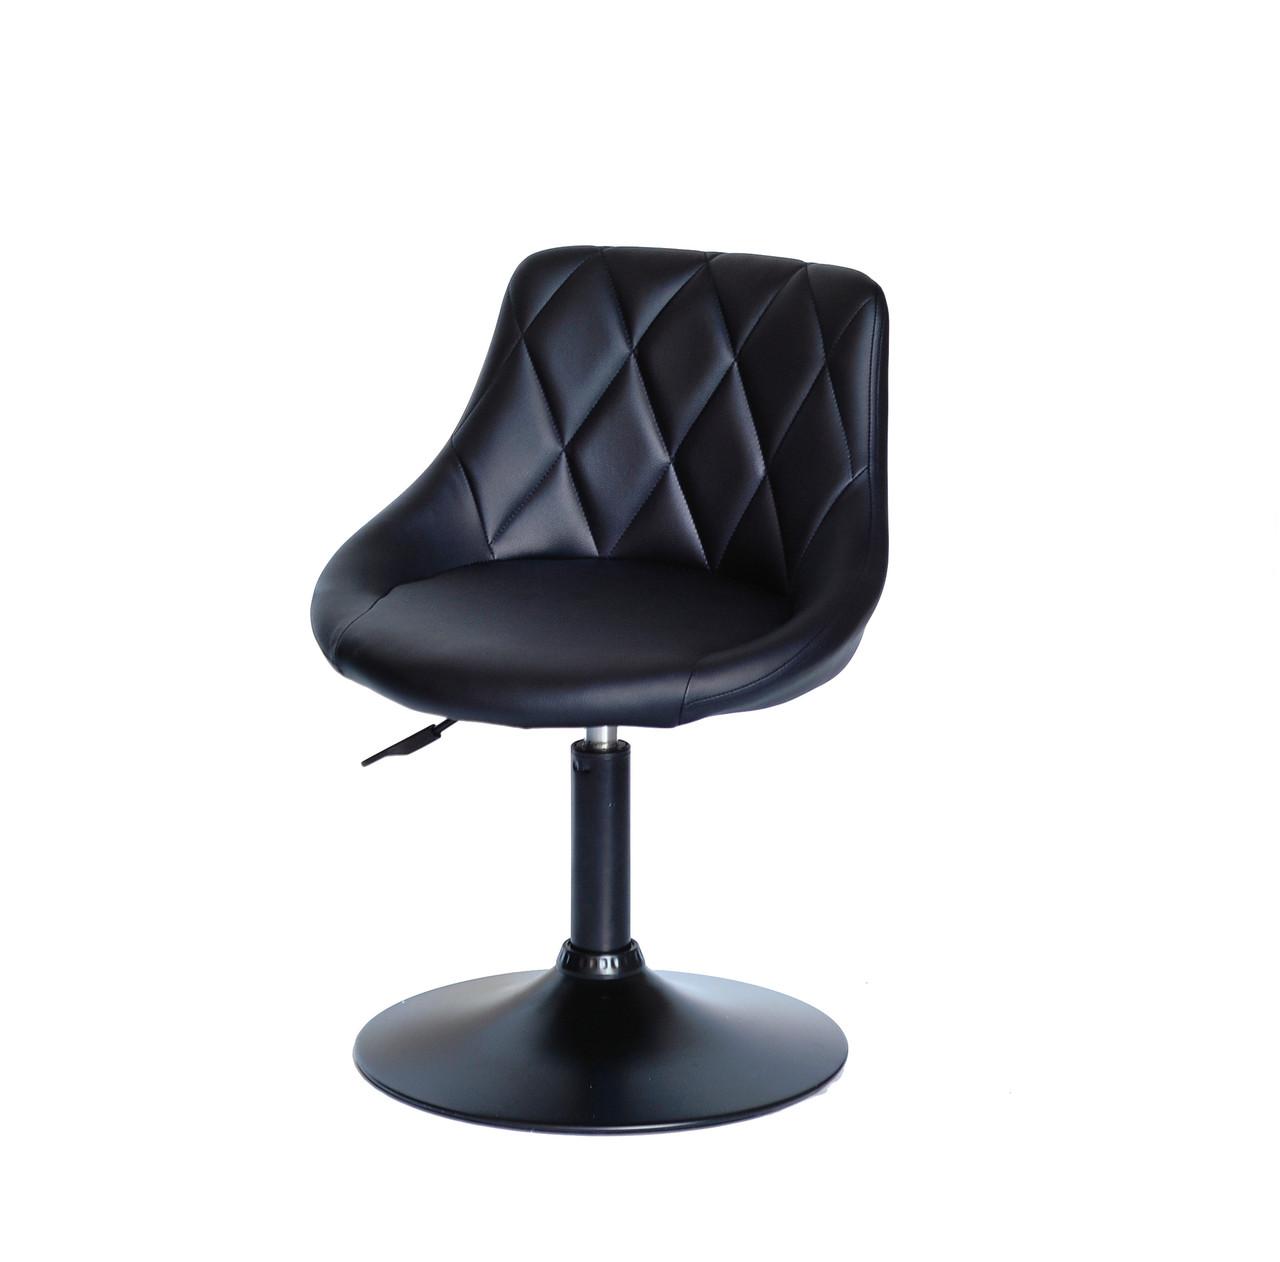 Кресло на устойчивом круглом основании черного цвета и обивкой из эко-кожи FORO BK-Base